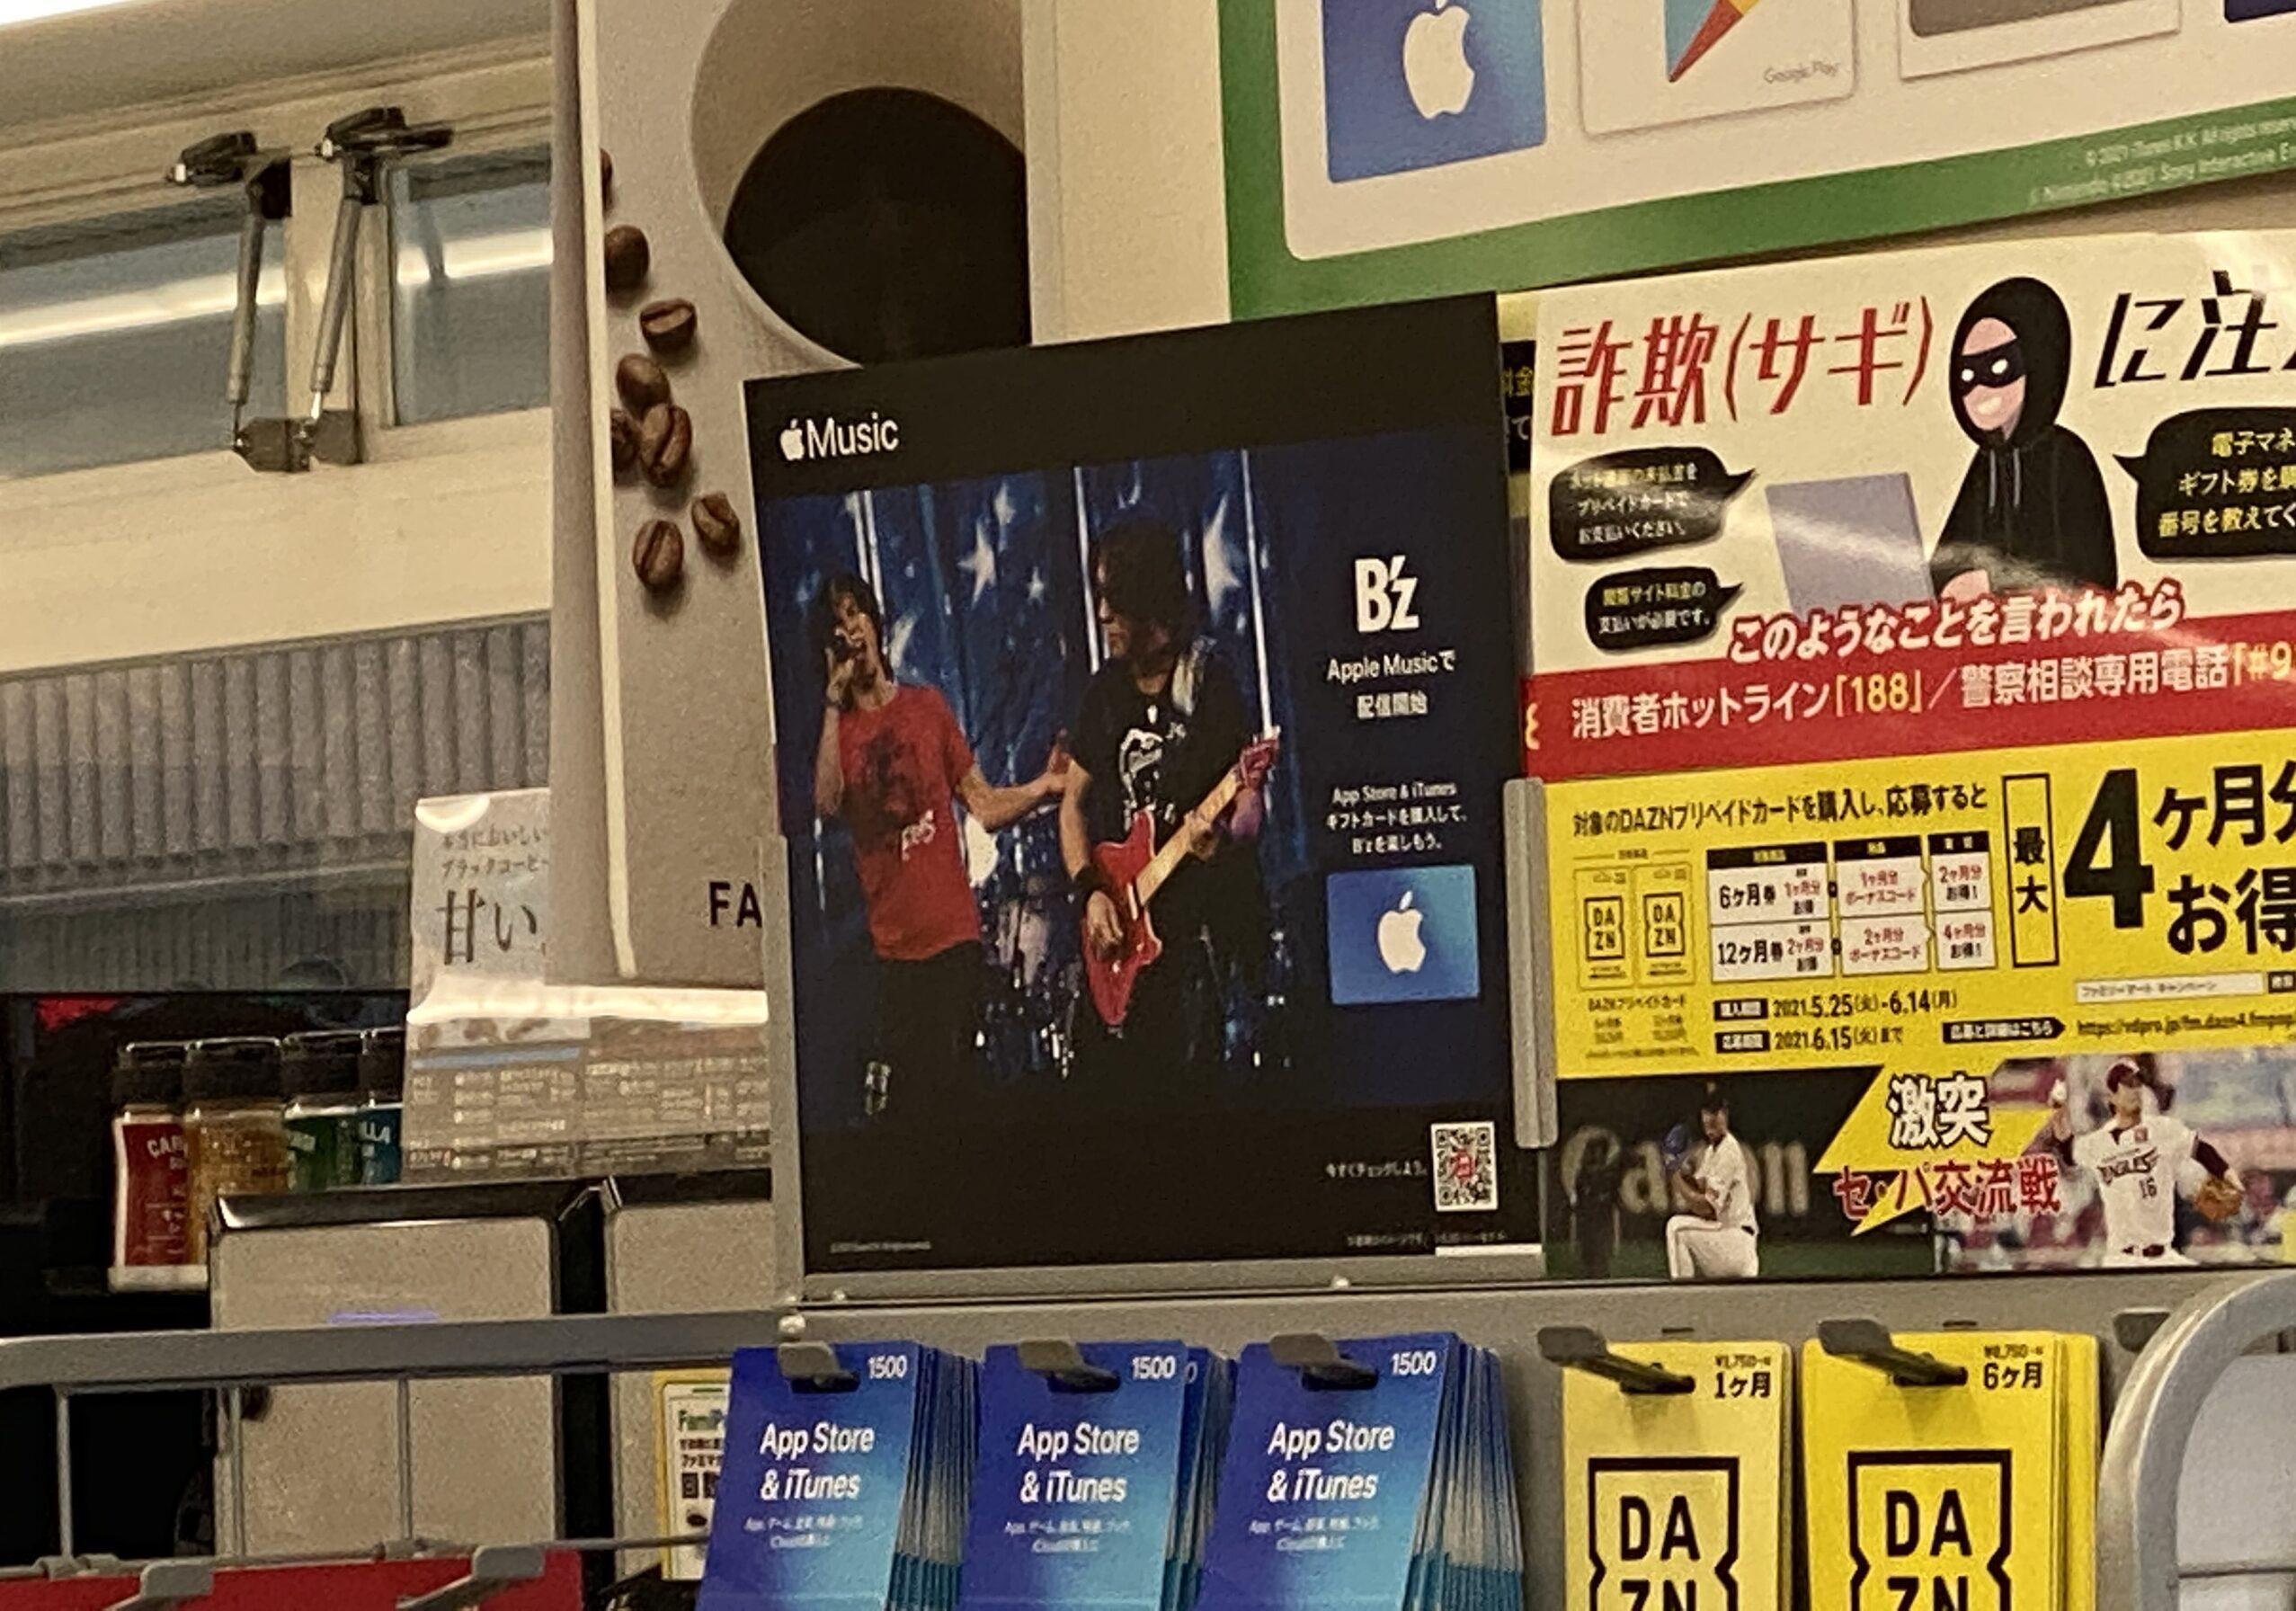 コンビニに掲出されているB'zの「Apple Music」ギフトカードの写真